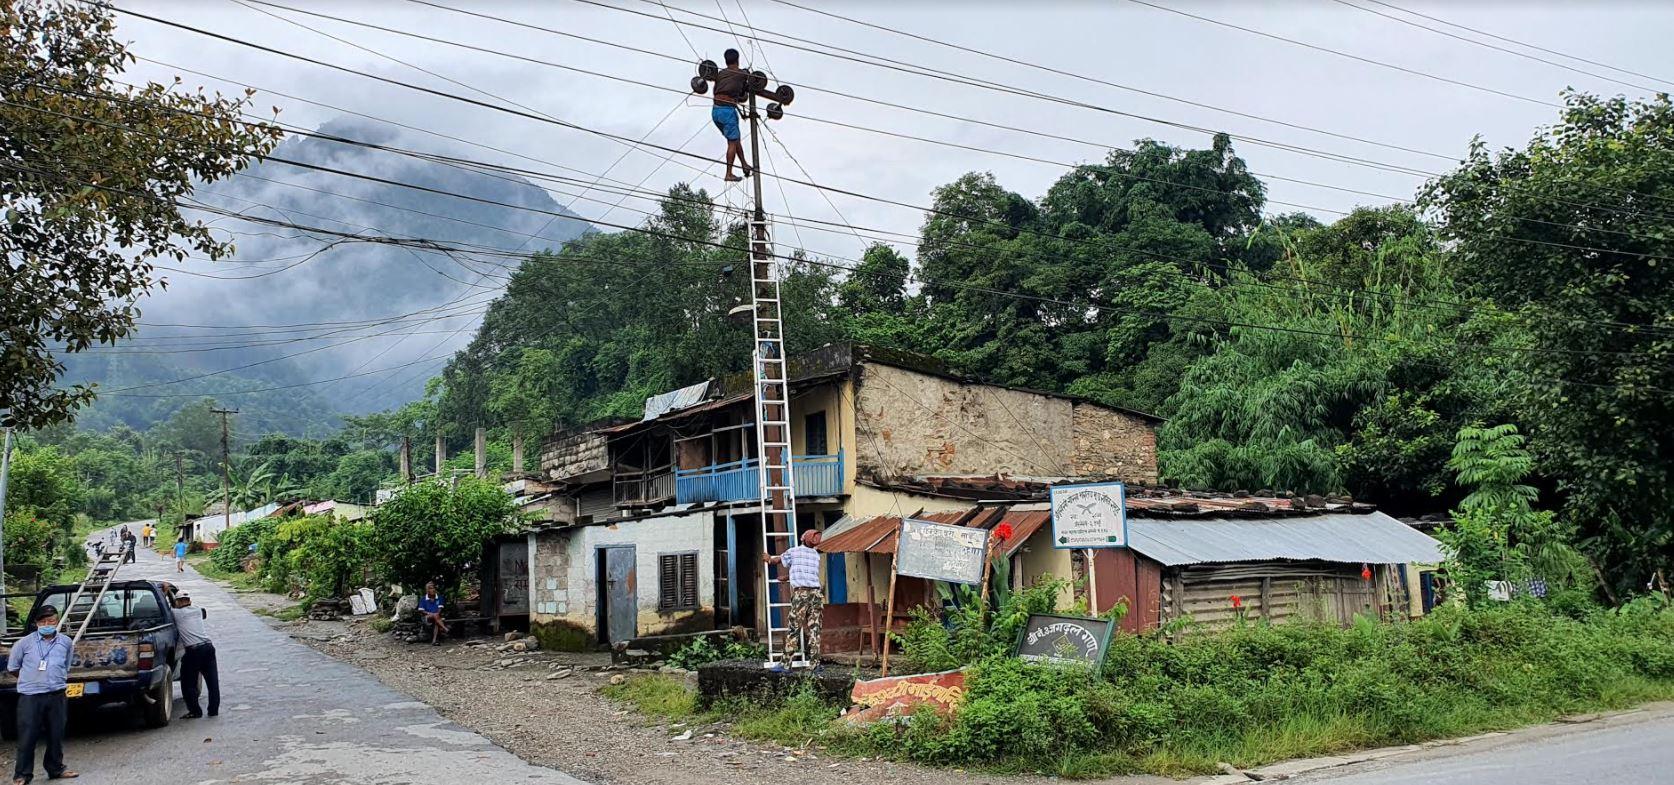 तनहुँको आँँबुखैरेनी-३ मिलनचोकमाा मंगलवार बिहान नाममात्रको सुरक्षा अपनाएर बिजुलीको लाइन मर्मत गर्दै नेपाल विद्युत् प्राधिकरणका प्राविधिक । तस्बिर : बाह्रखरी